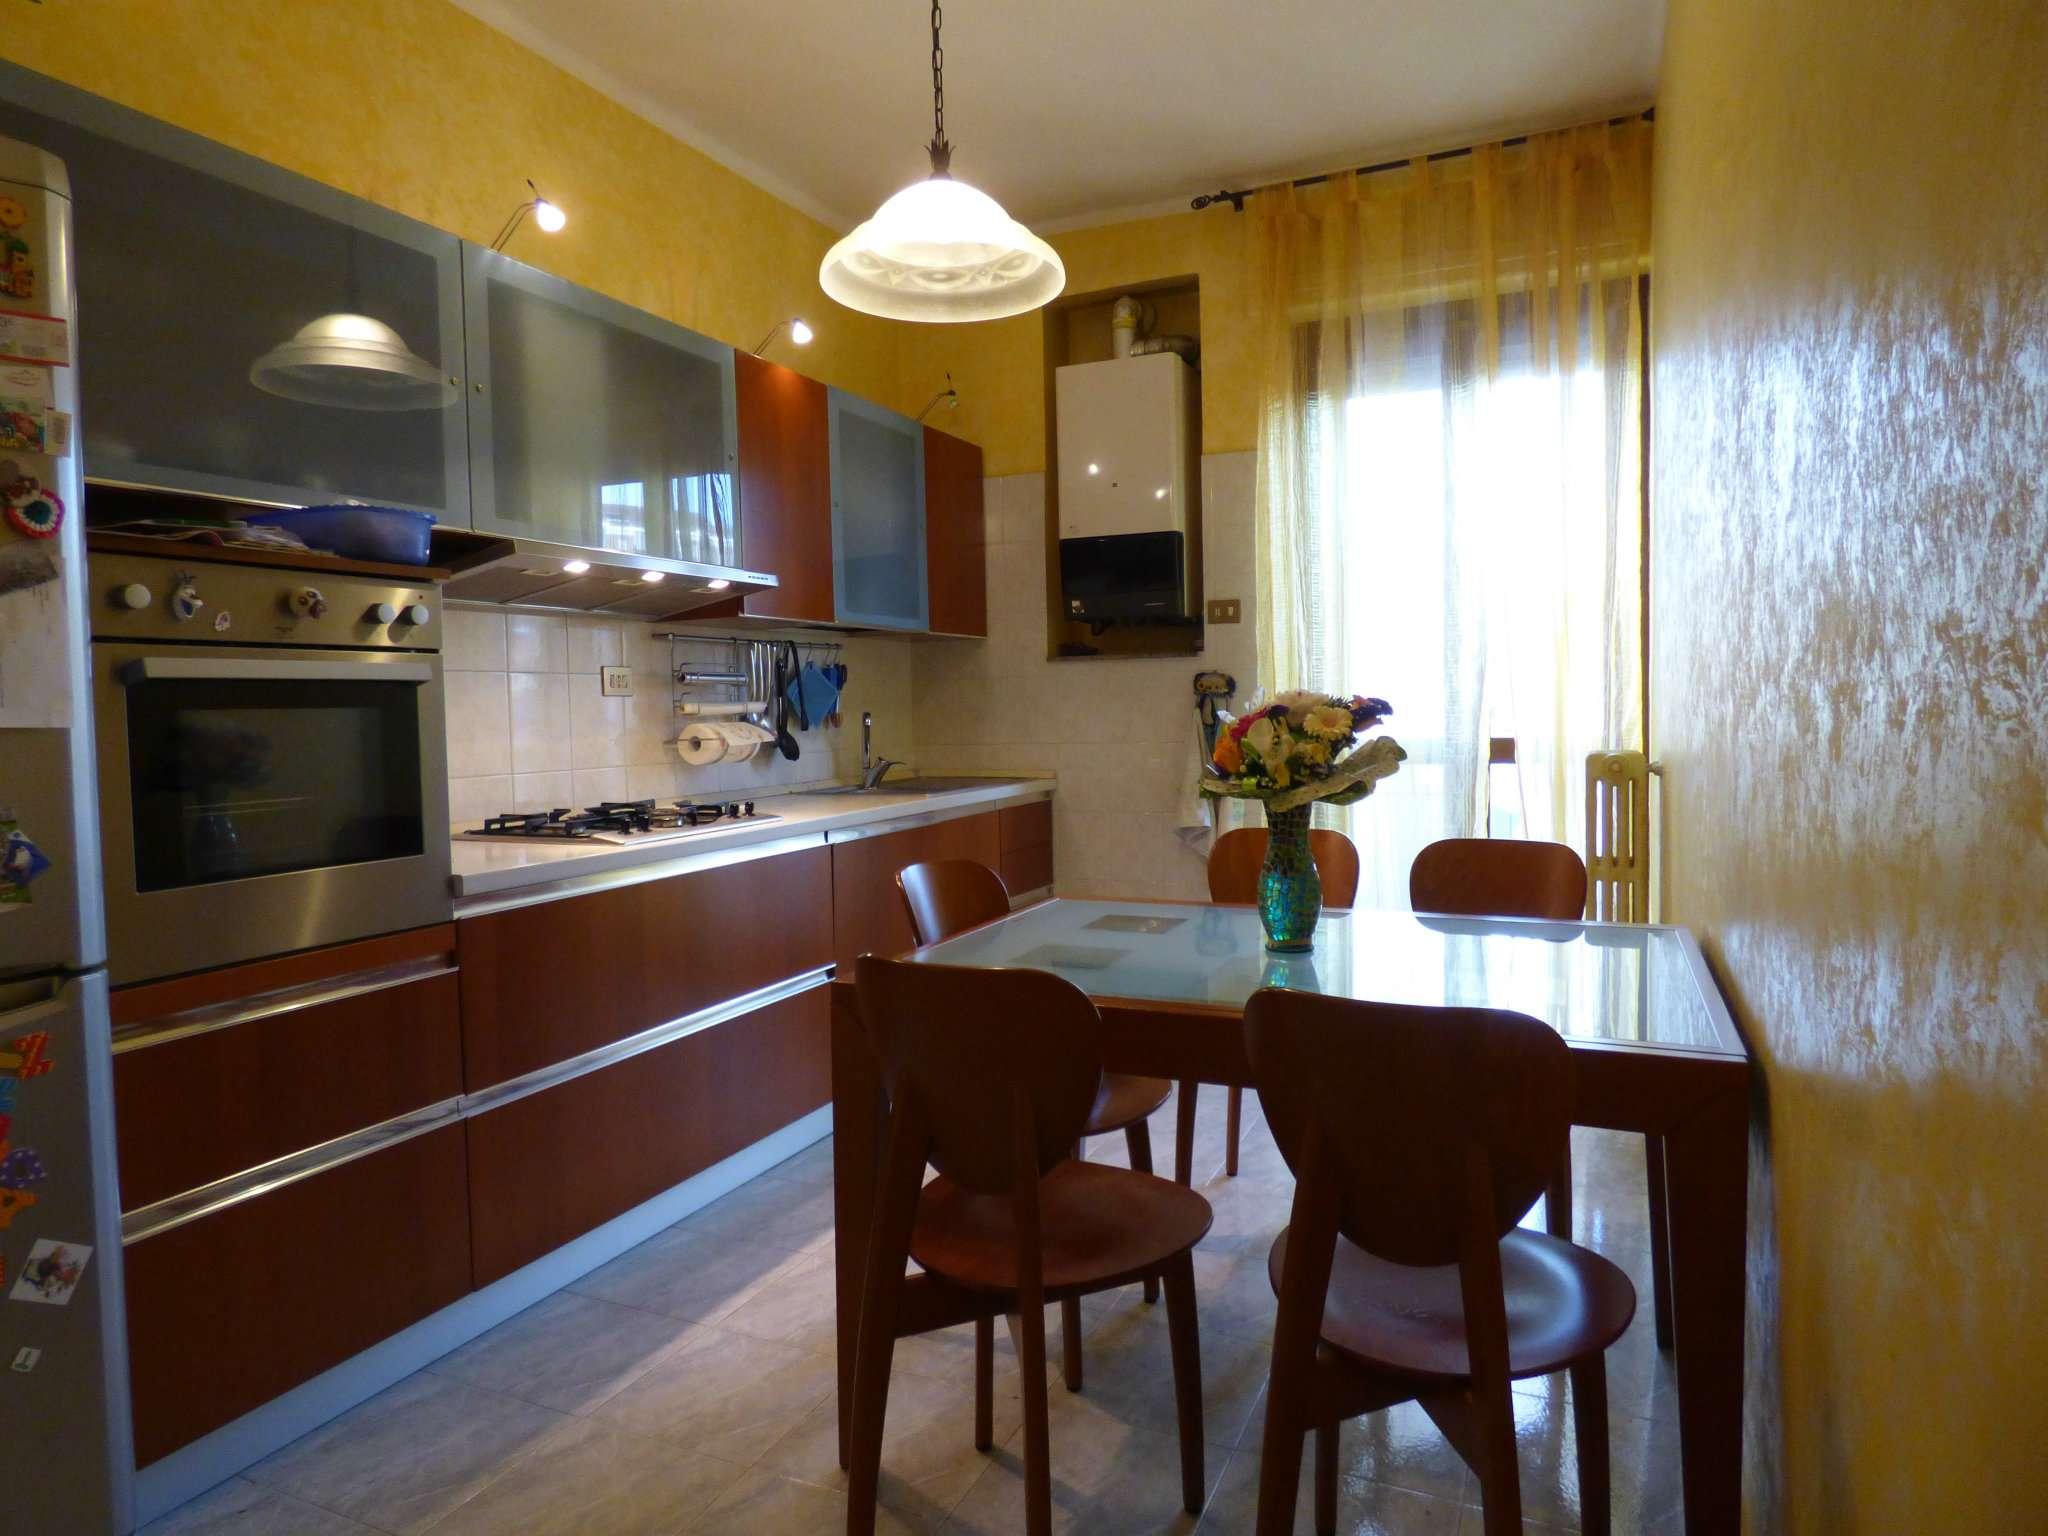 Appartamento in vendita a Borgaro Torinese, 3 locali, prezzo € 85.000 | Cambio Casa.it